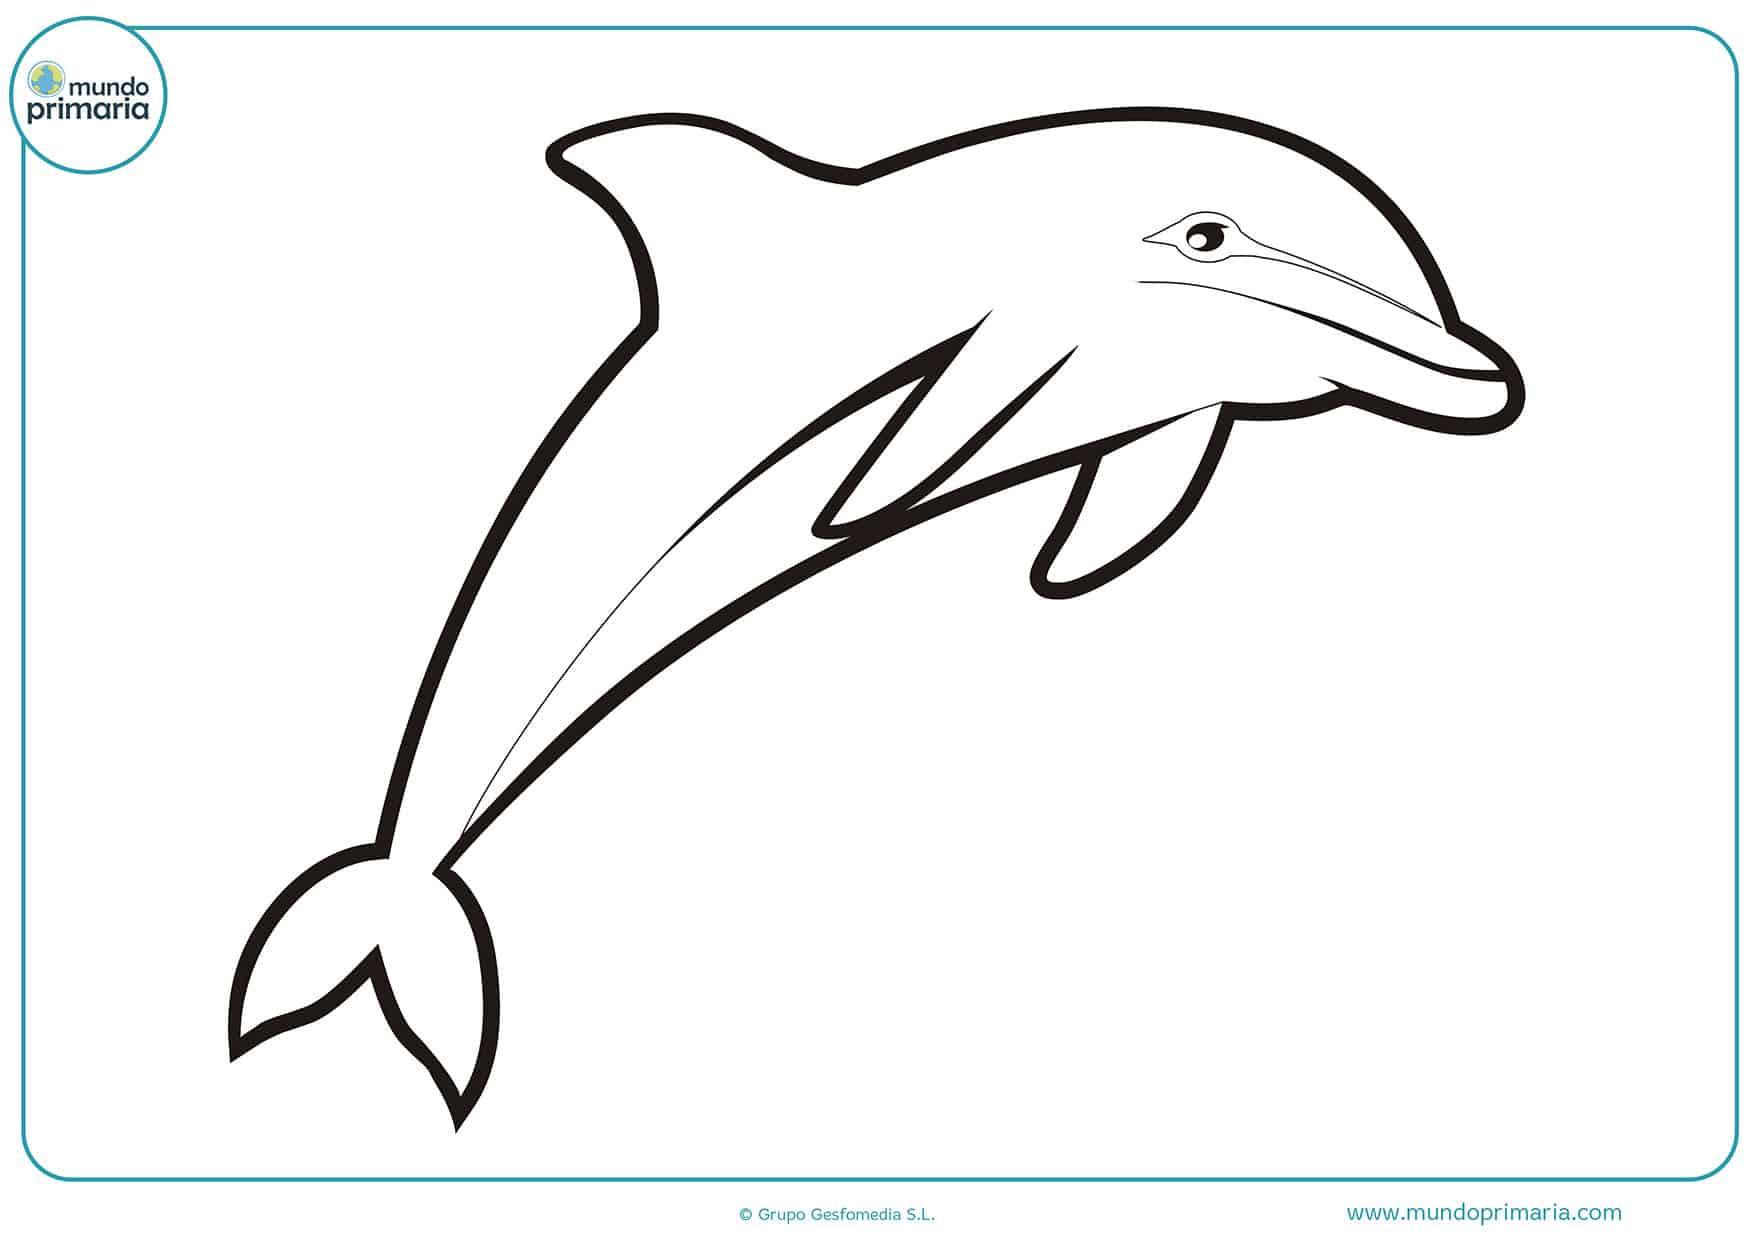 Dibujos de delfines para colorear   Mundo Primaria